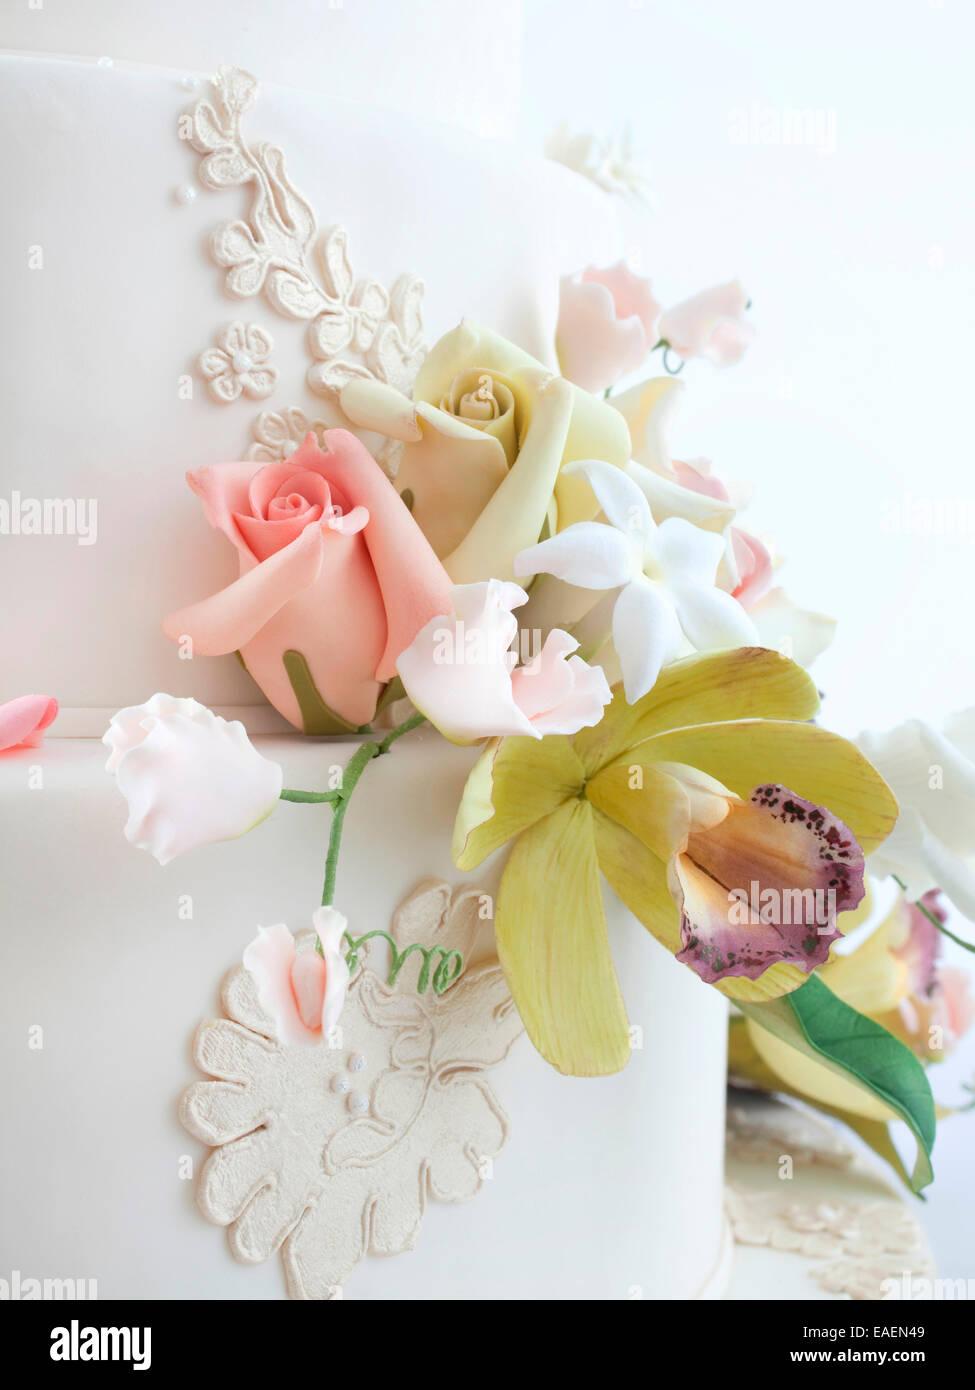 Détail de fleurs comestibles sur gâteau de mariage Photo Stock